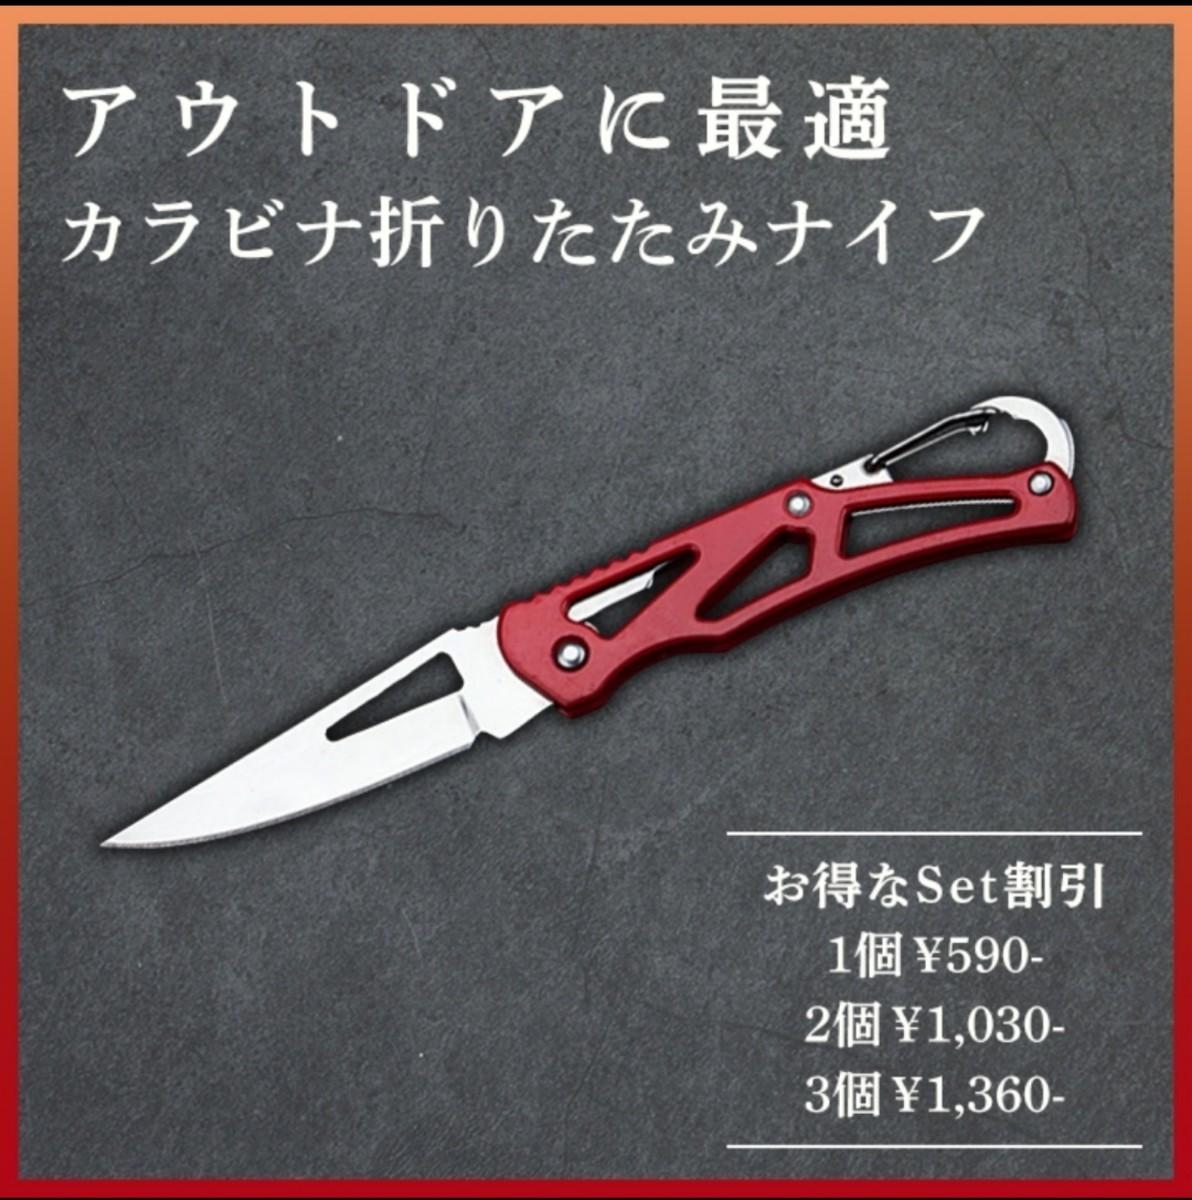 【アウトドアに最適】カラビナ折りたたみナイフ・赤色 釣り キャンプ サバイバル